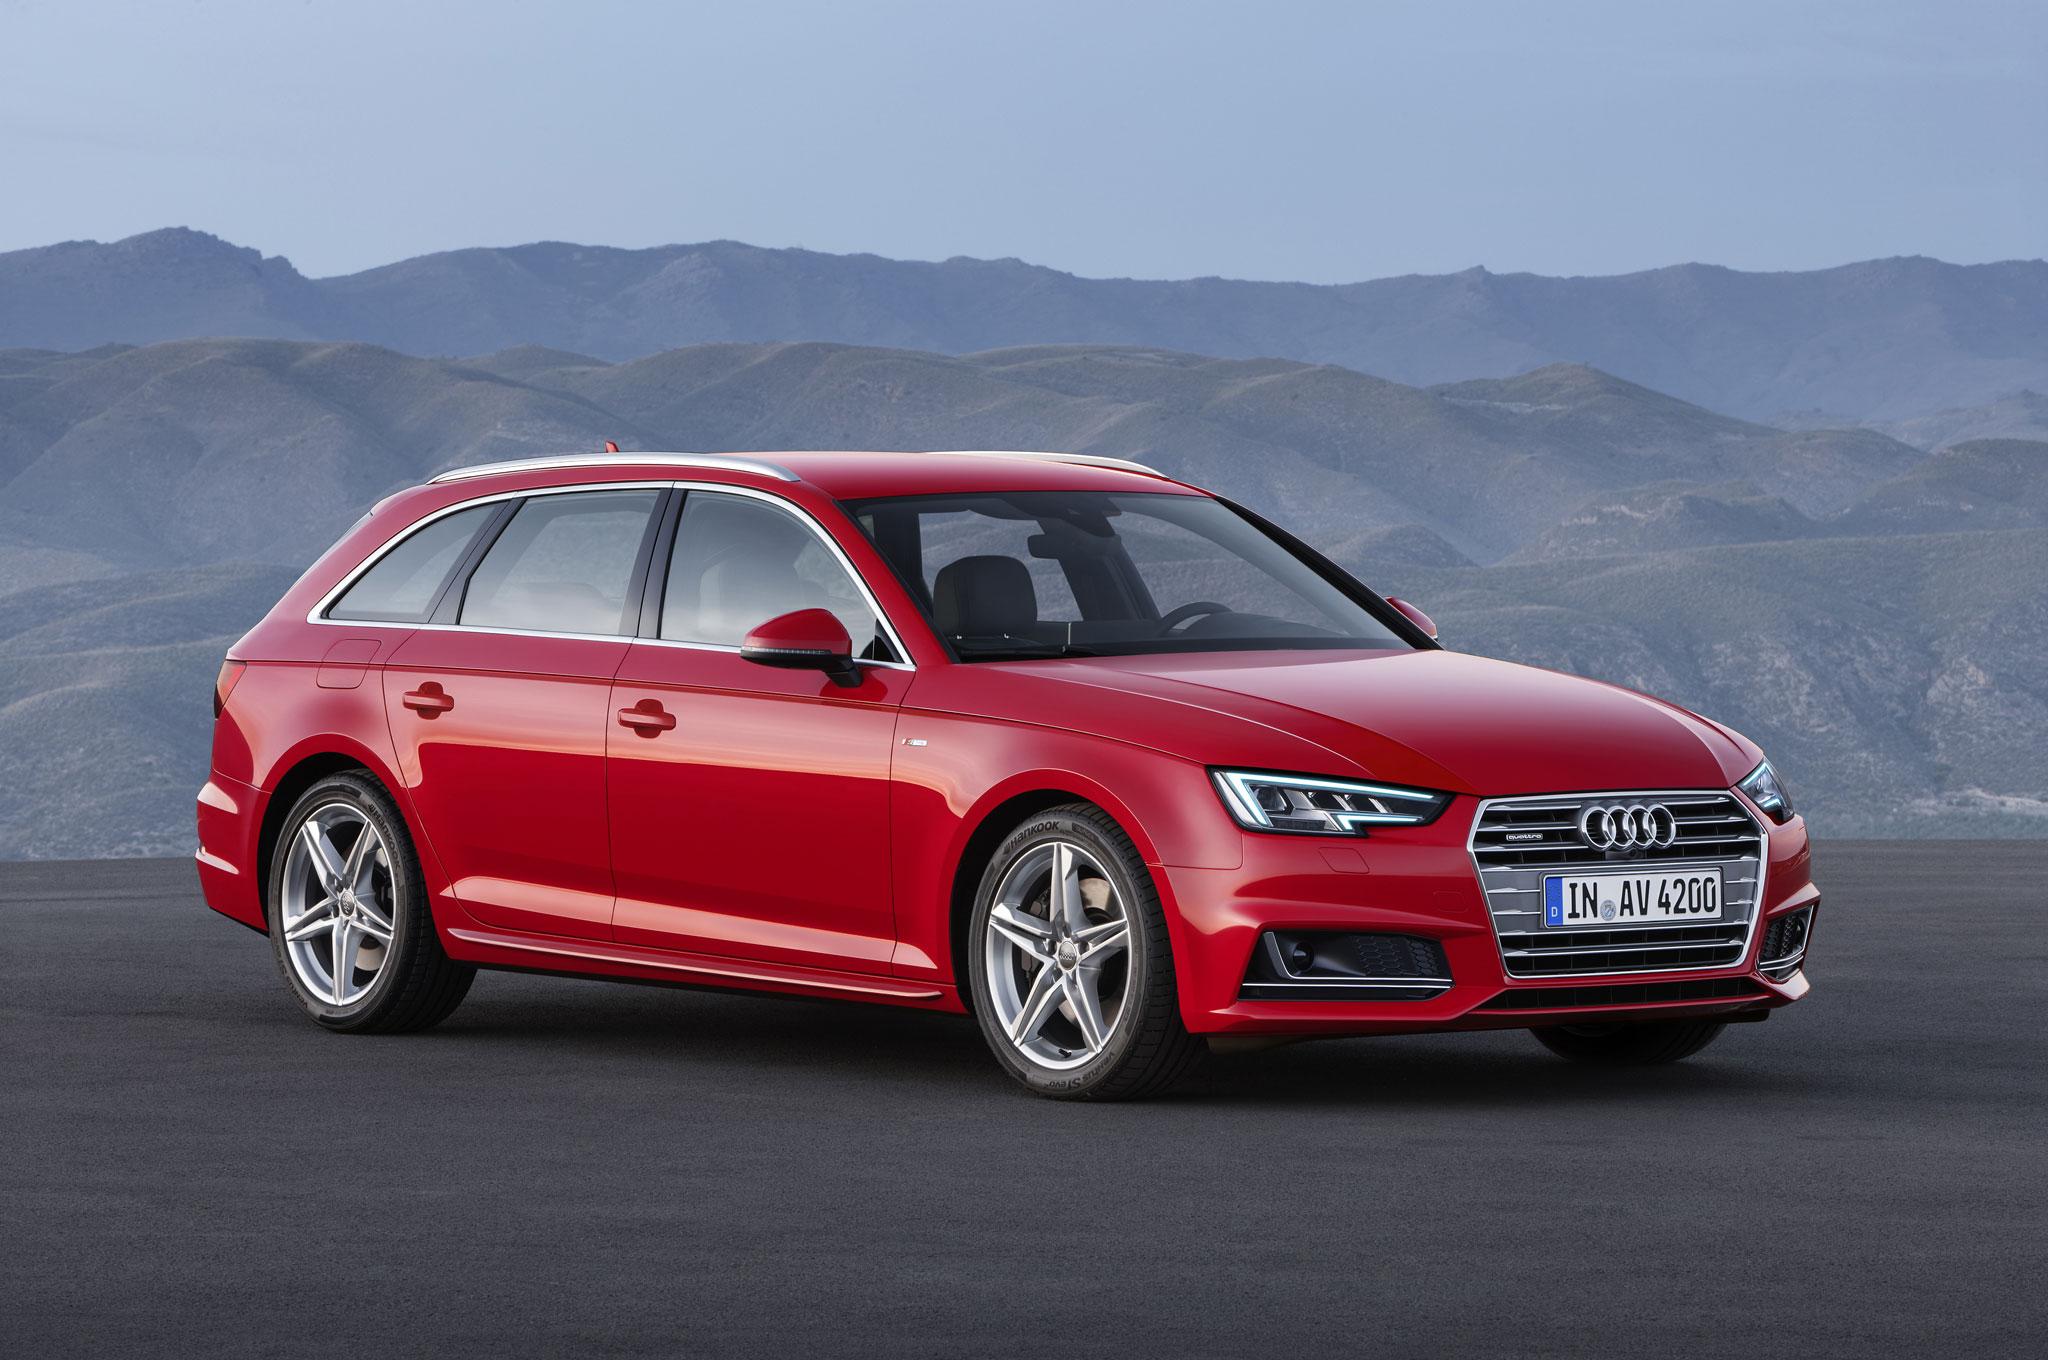 Audi a4 wagon 2017